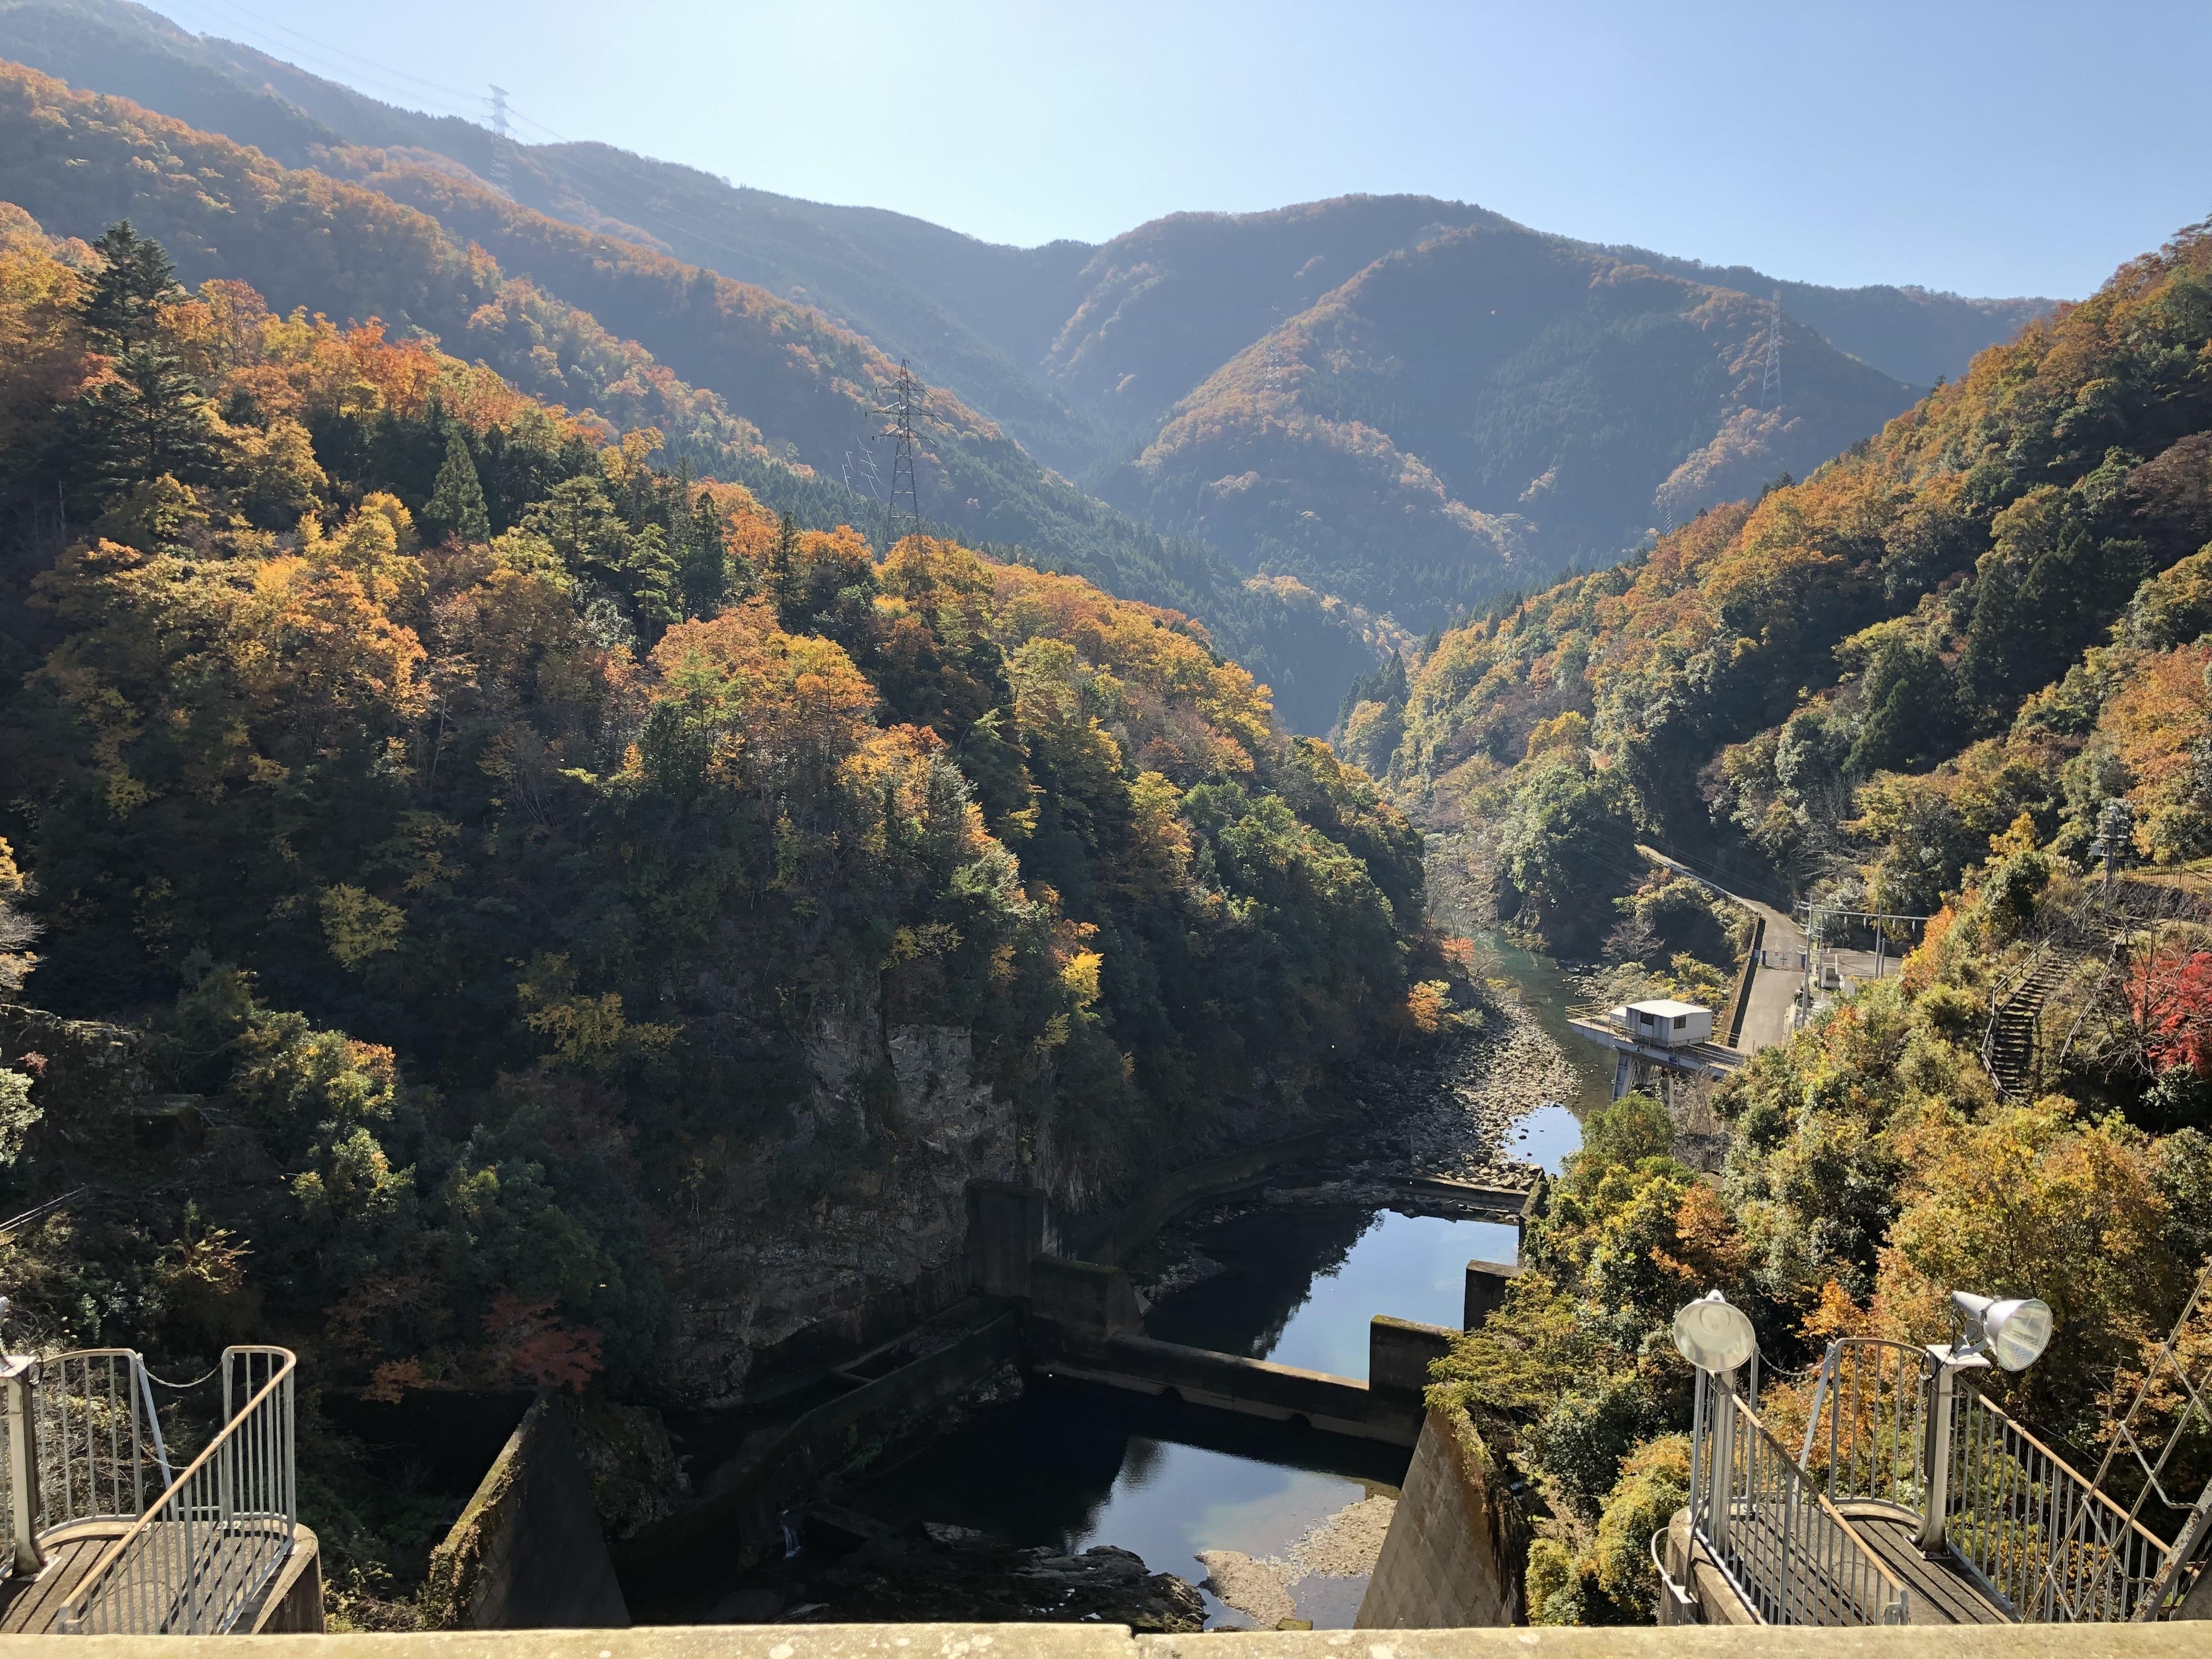 ぴーきち&ダイナ 美山 かやぶきの里ツーリング 大野ダム編 大野ダムの景色